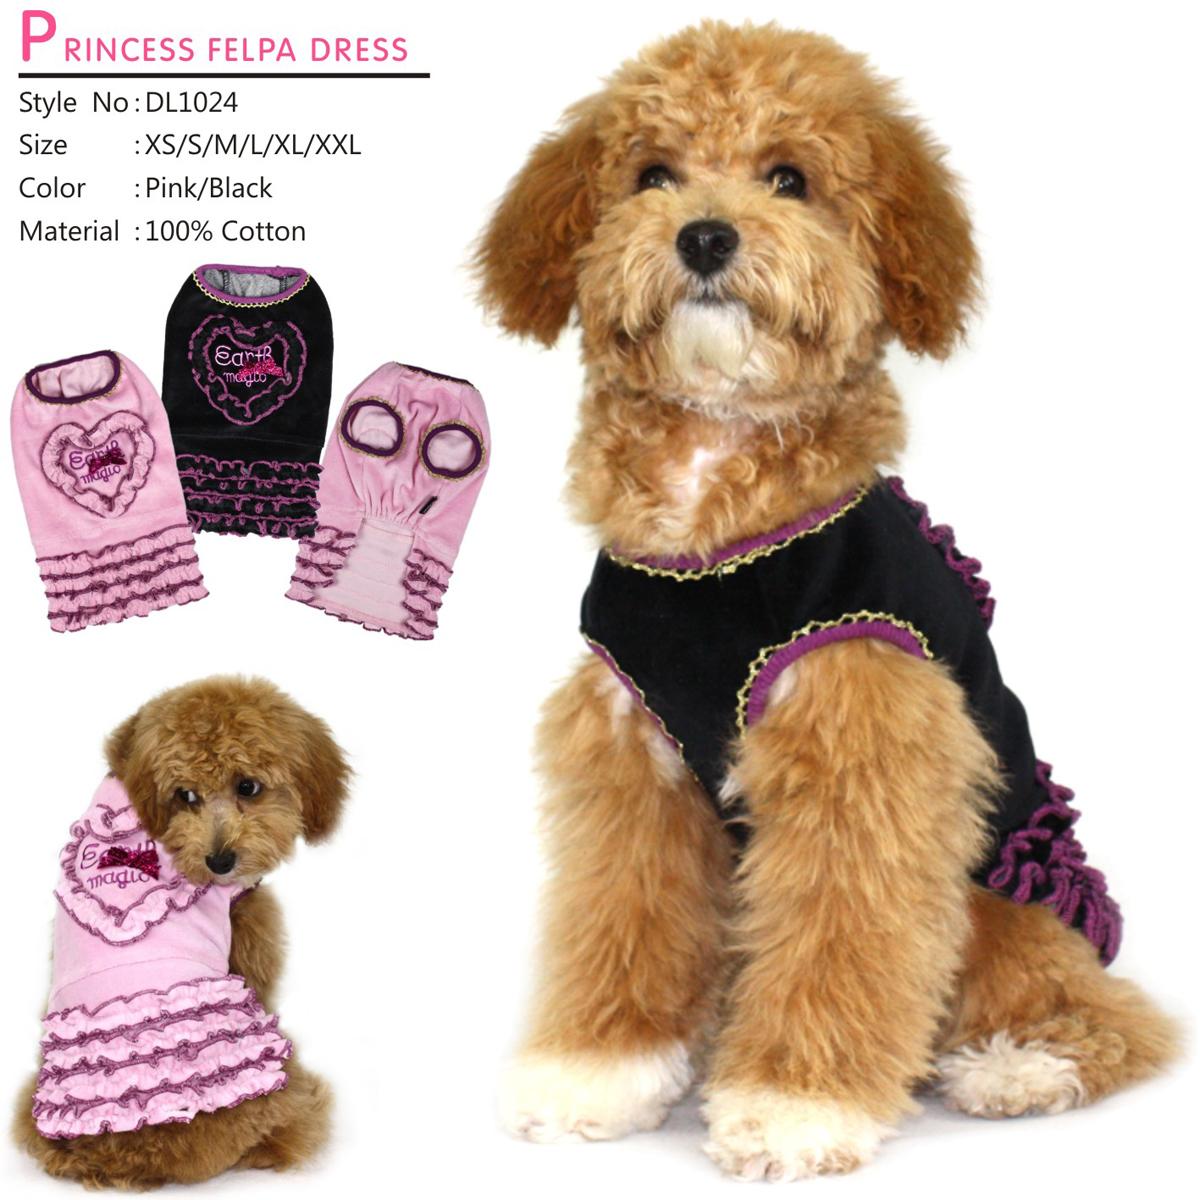 """Платье для собак """"Dobaz"""", цвет: черный. ДЛ1024БЛ. Размер L"""